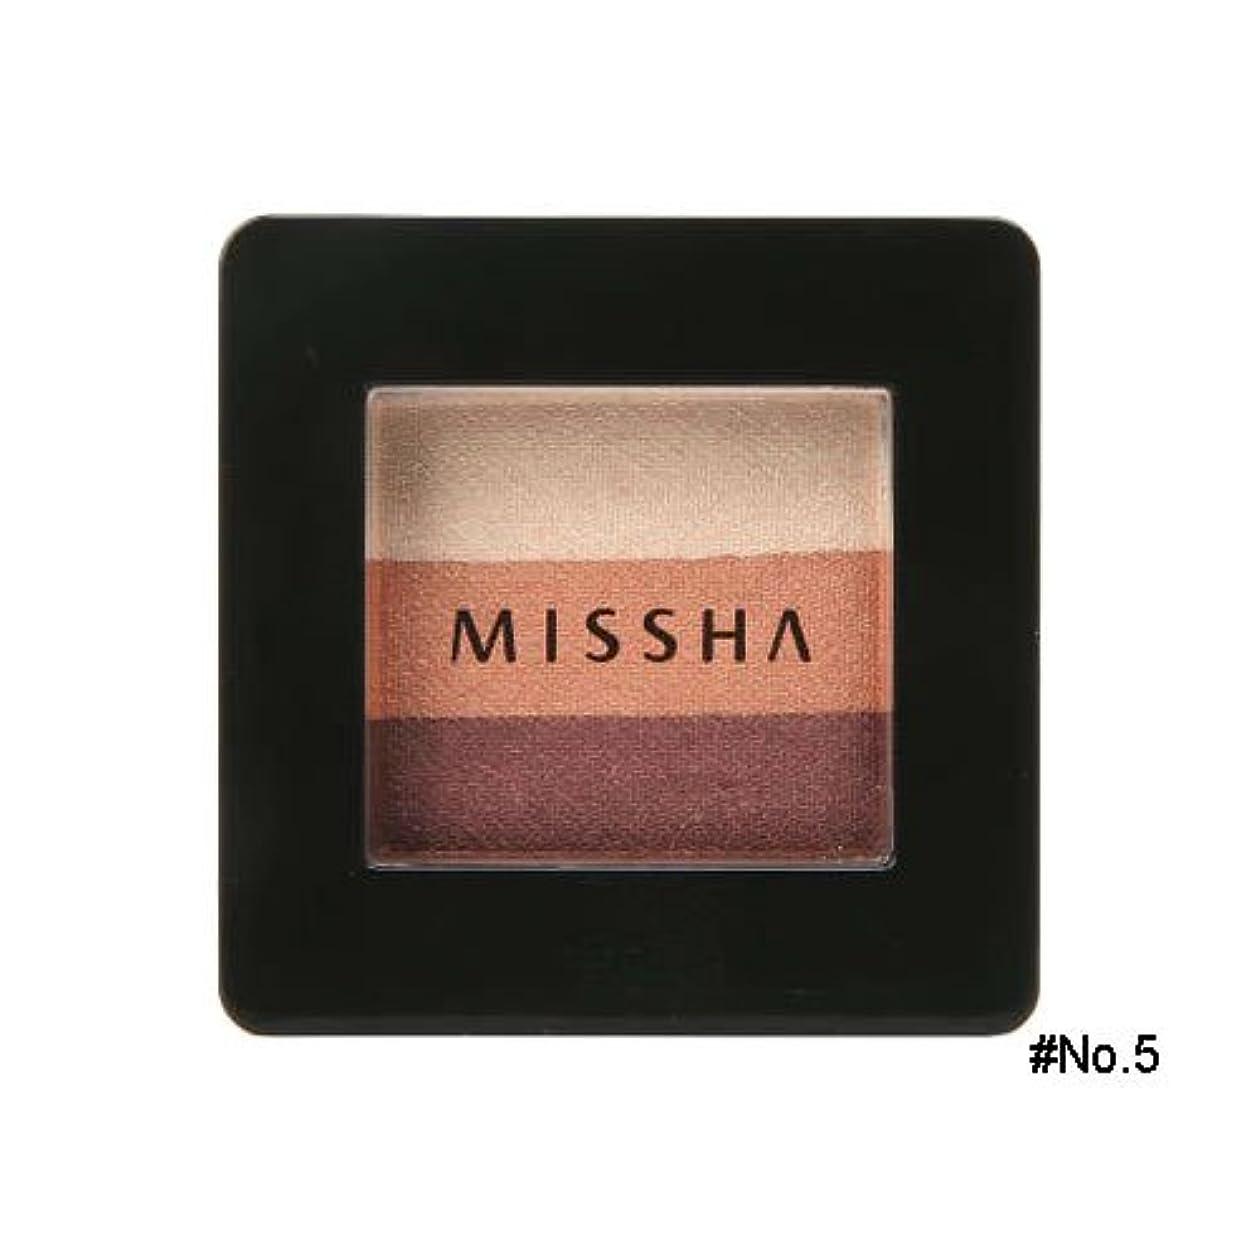 パトワたっぷり平行ミシャ(MISSHA) トリプルシャドウ 2g No.5(ビンテージプラム) [並行輸入品]